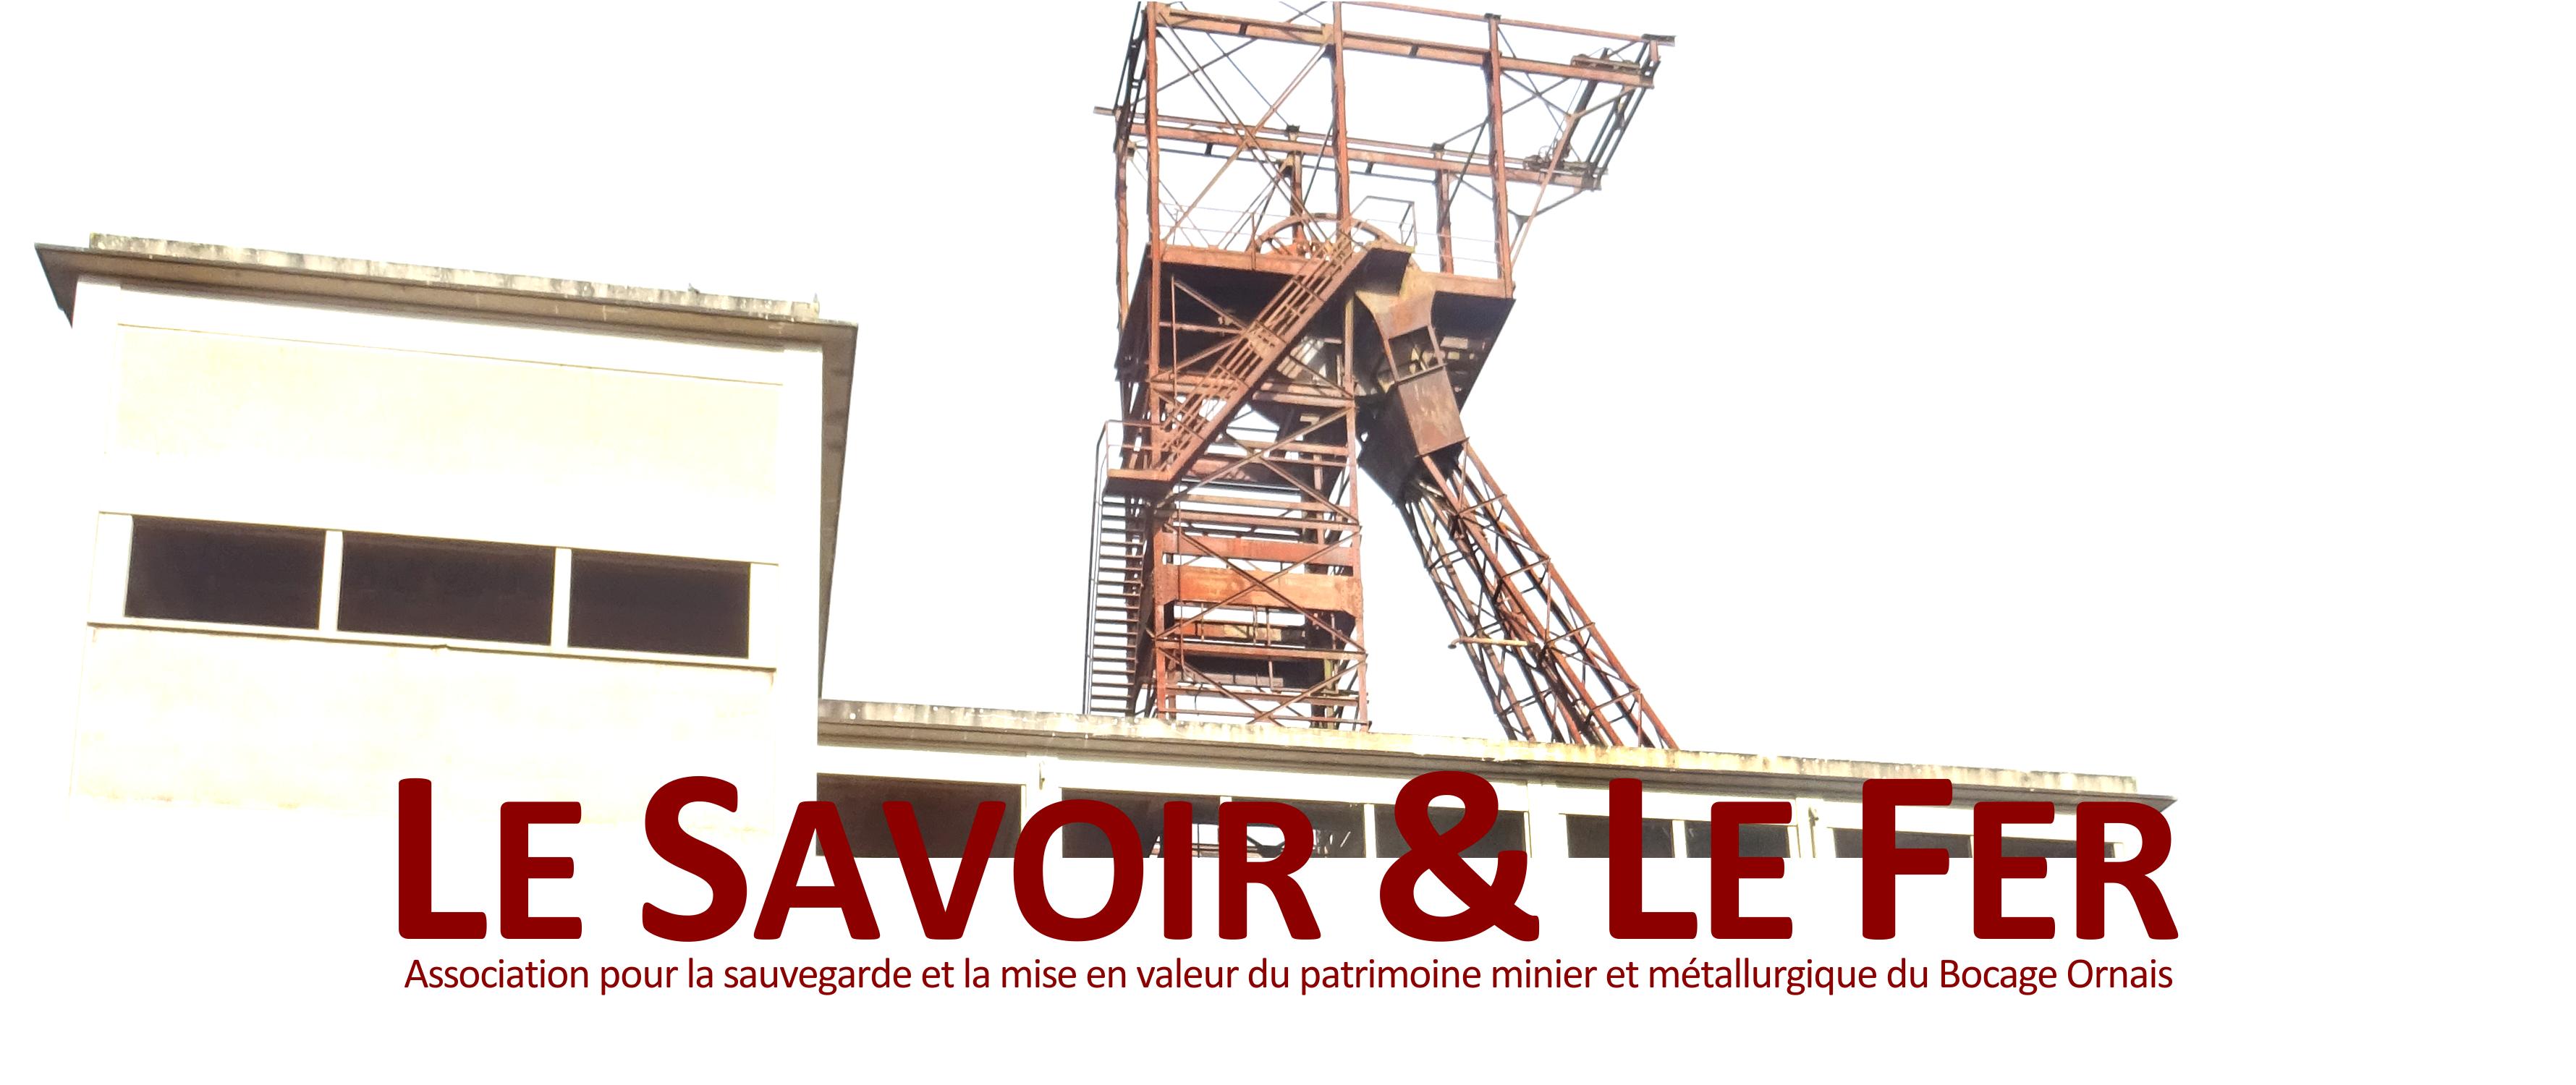 LE SAVOIR & LE FER